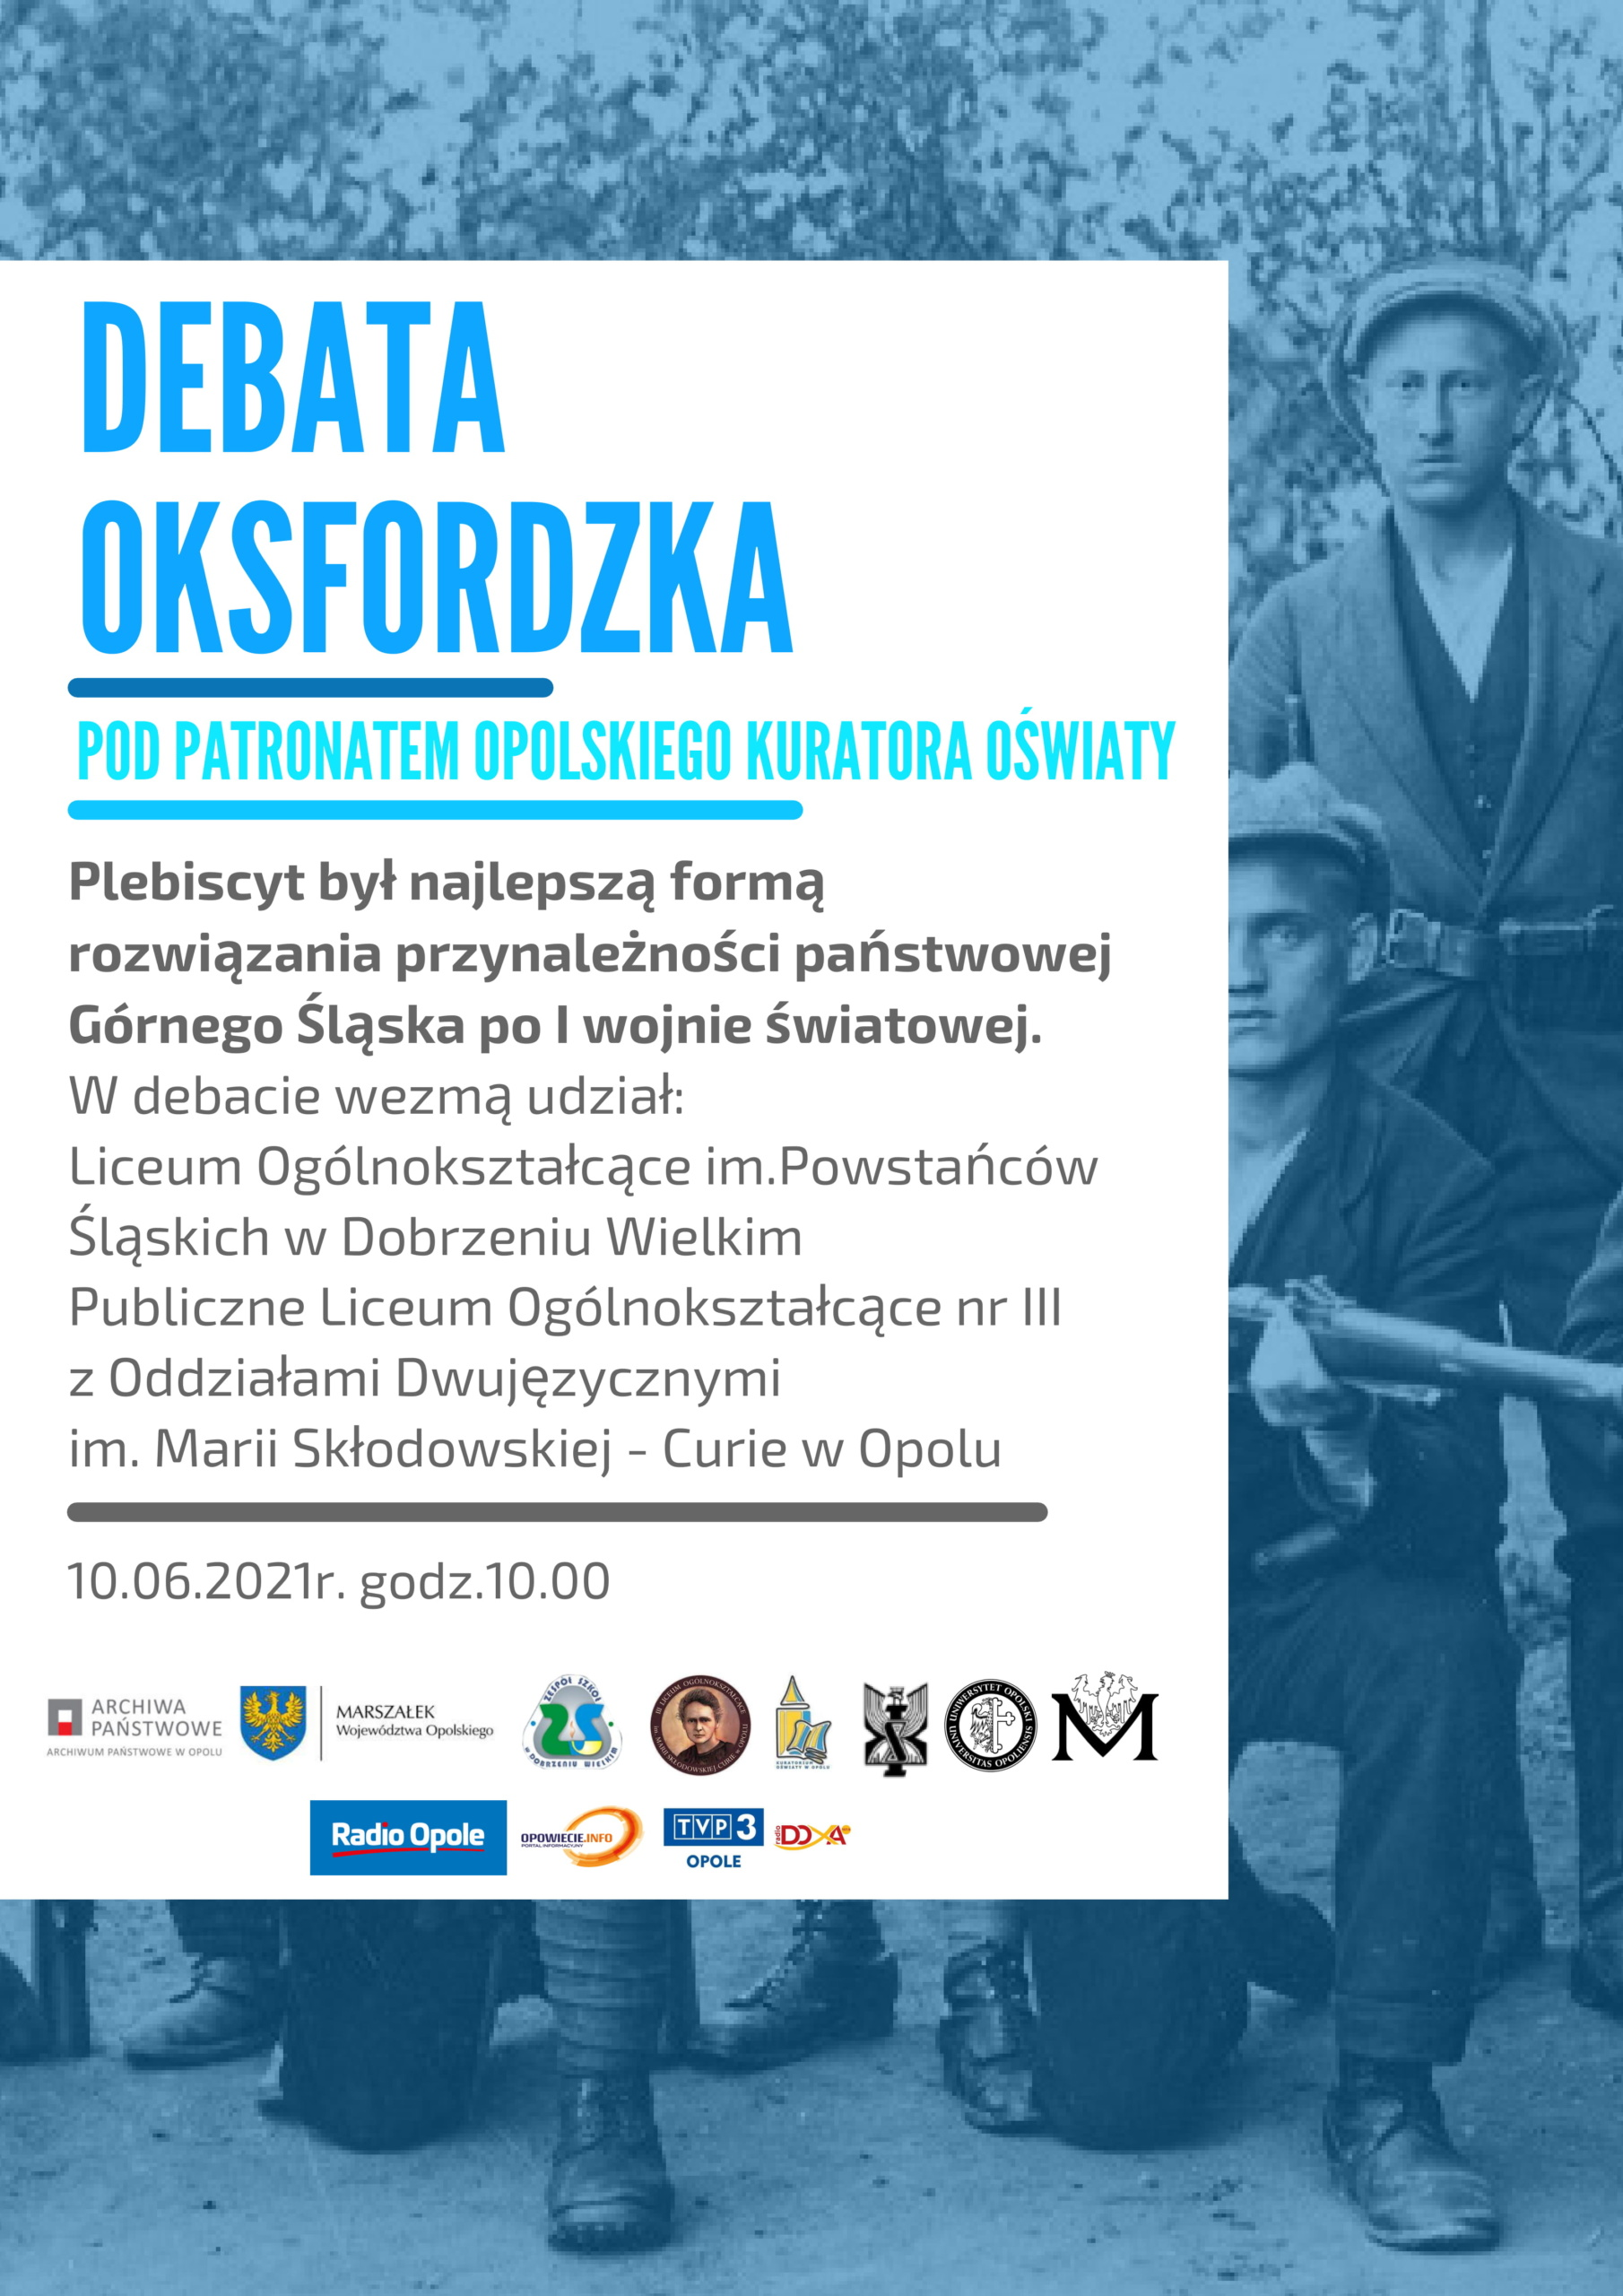 Plakat debaty oksfordzkiej pt. 'Plebiscyt był najlepszą formą rozwiązania przynależności państwowej Górnego Śląska po I wojnie światowej'